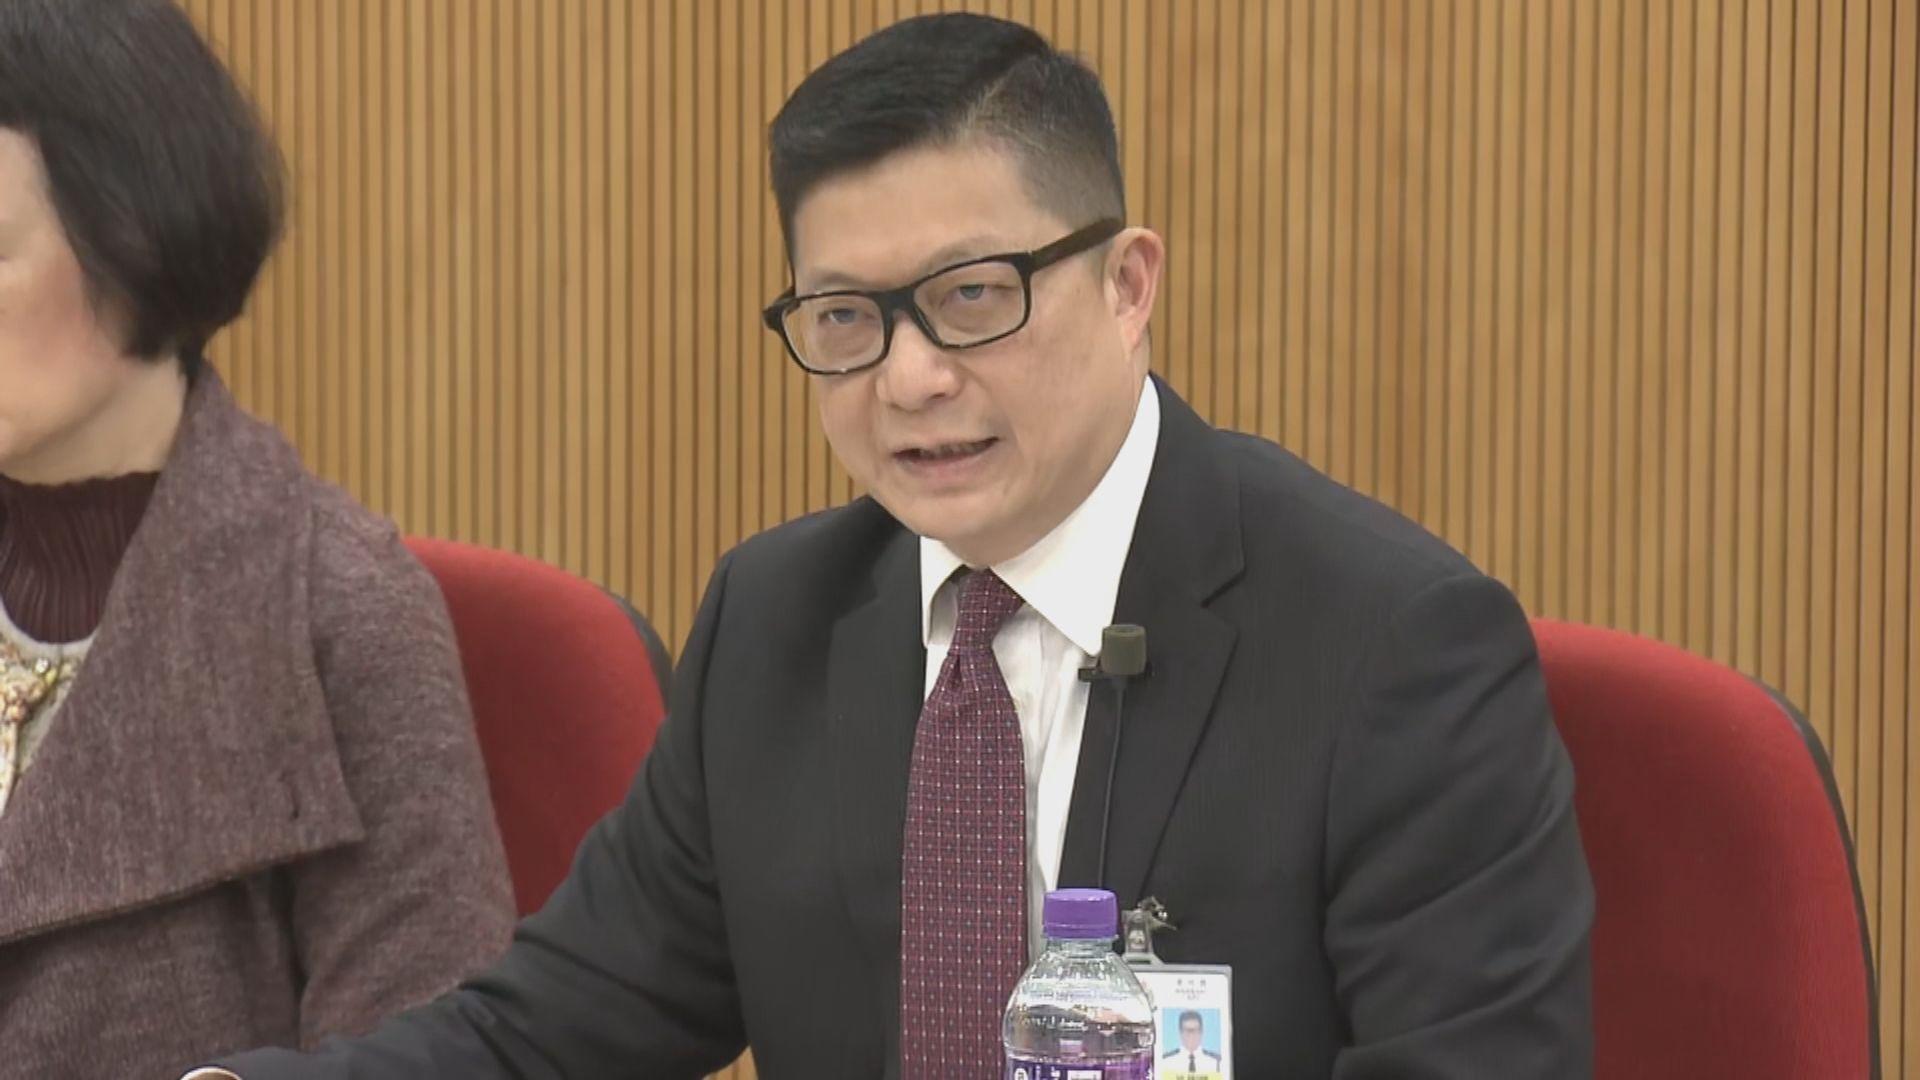 鄧炳強:坊間流傳很多假消息 很多人沒看清事實